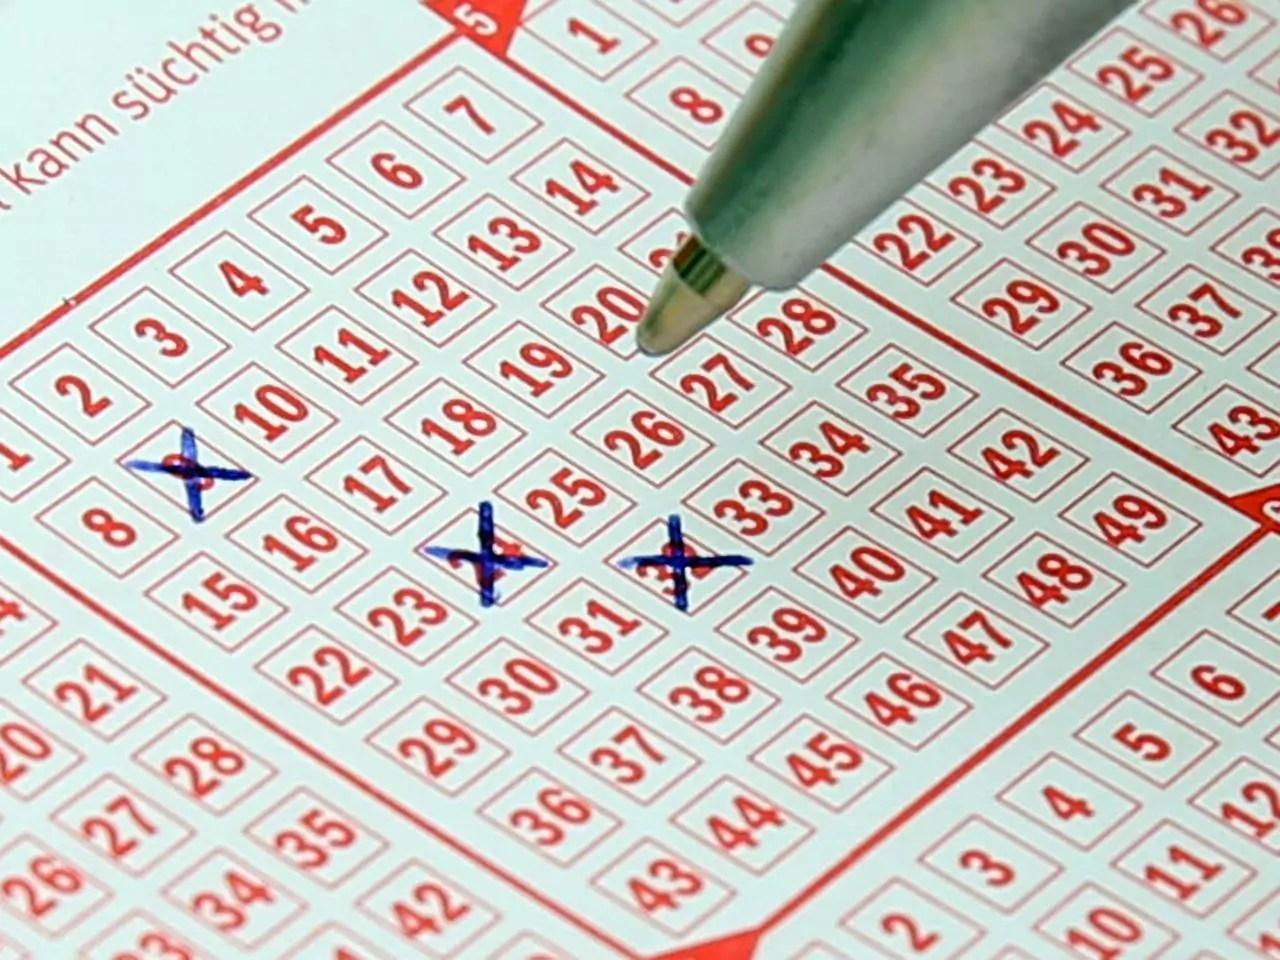 Timemania de ontem - A imagem mostra uma caneta marcando números em um volante de loteria